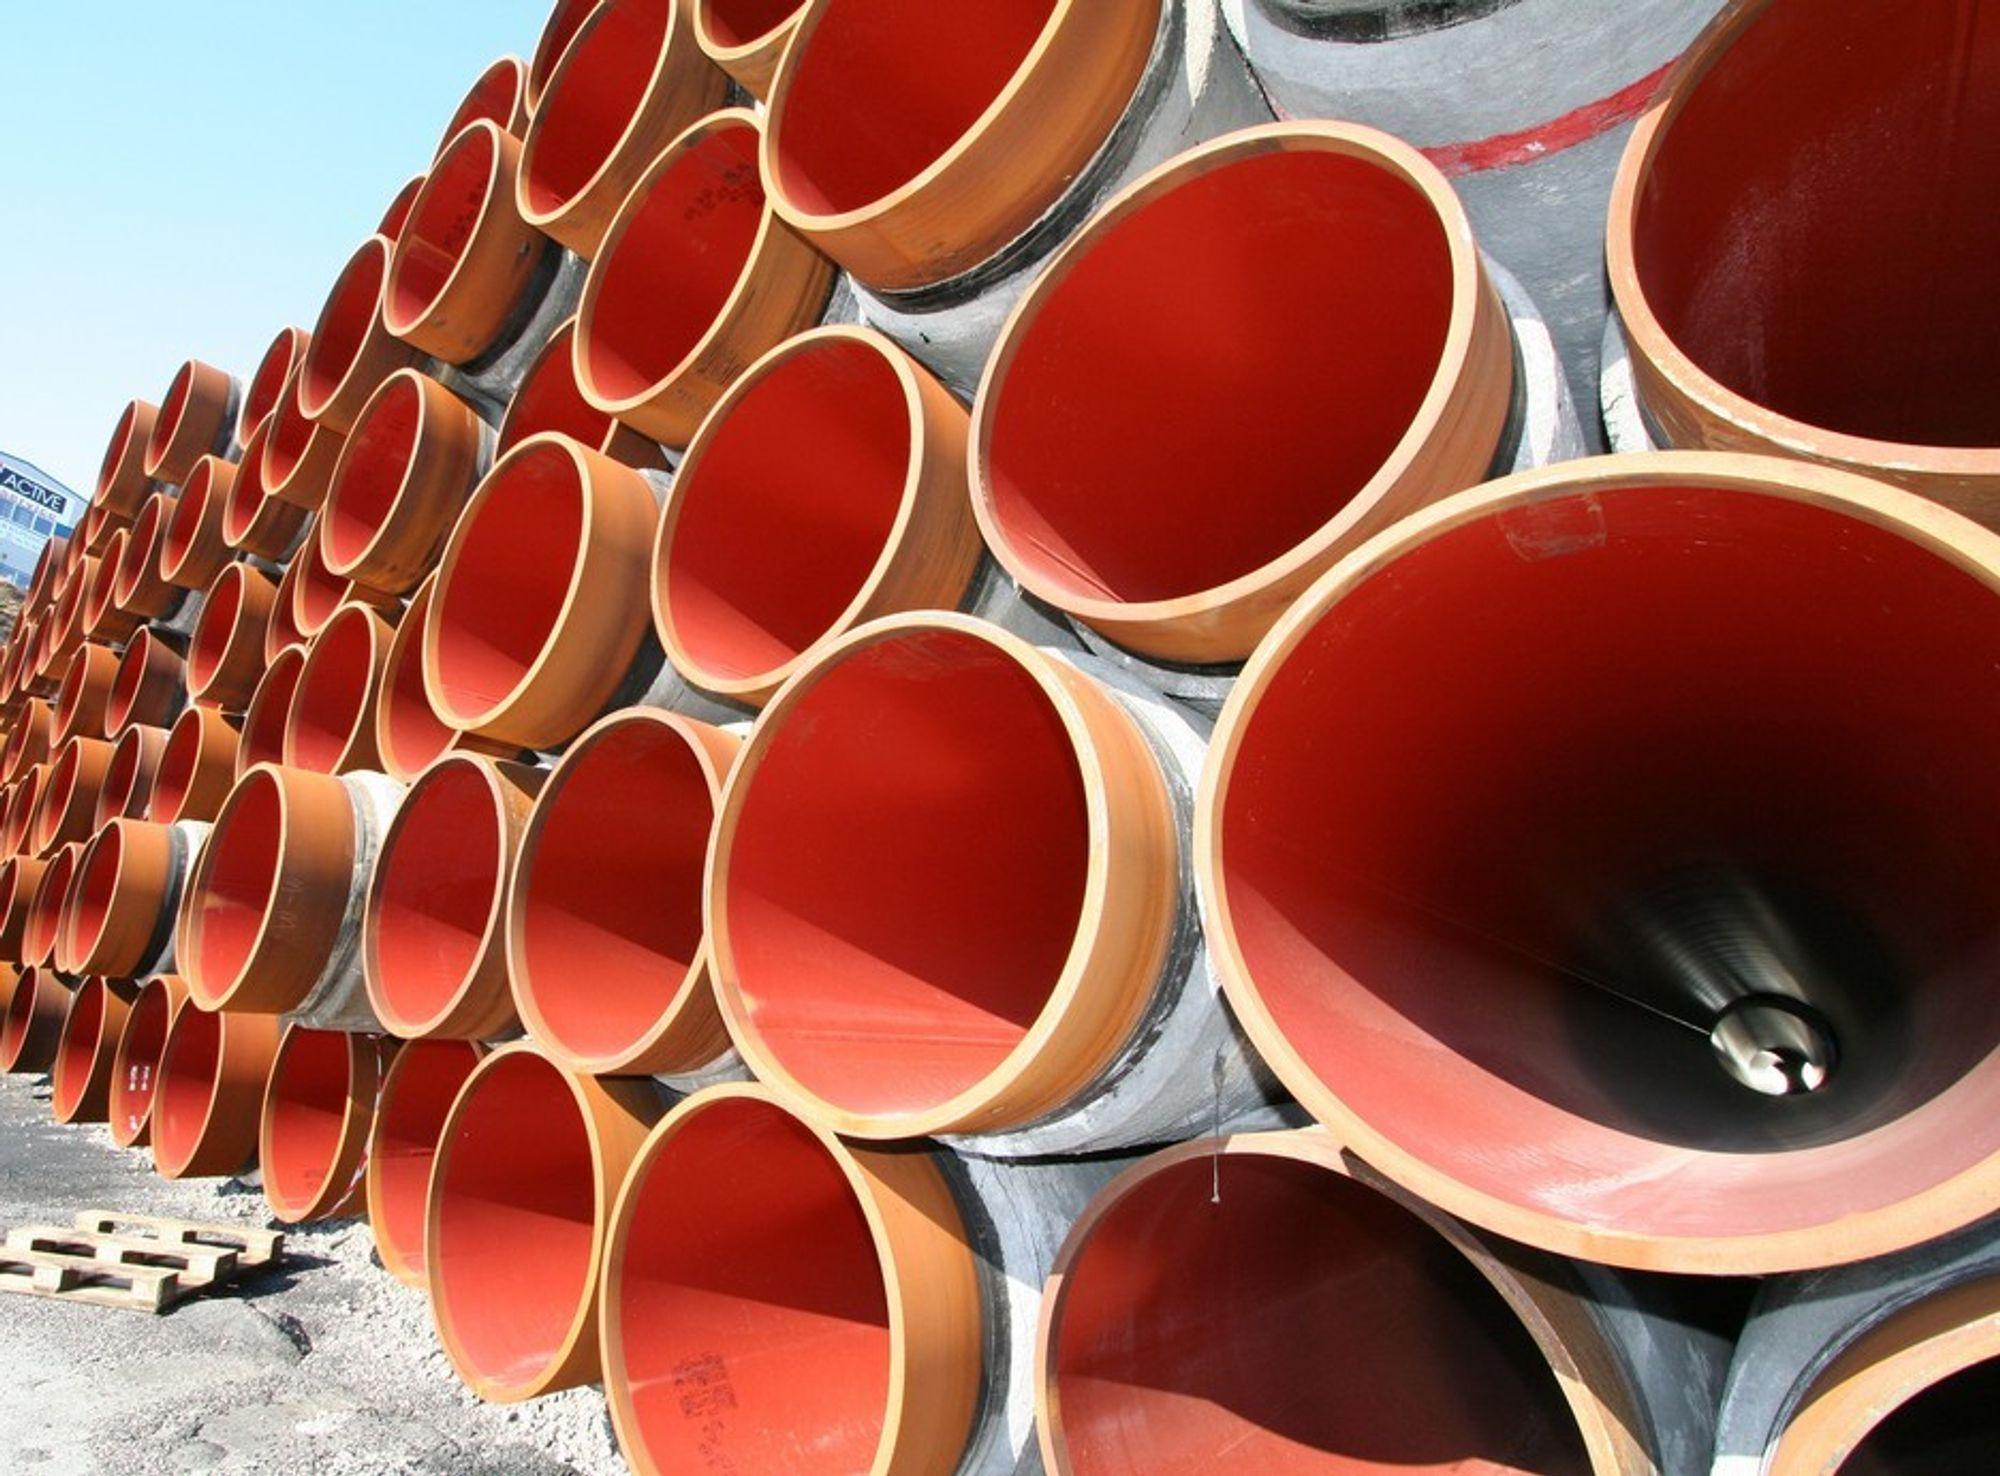 ENORMT PROSJEKT: På Ågotnes utenfor Bergen lagres store deler av rørene som skal utgjøre gassrøret Langeled. Eksportrøret vil forsyne 20 prosent av Storbritannias gassforbruk.